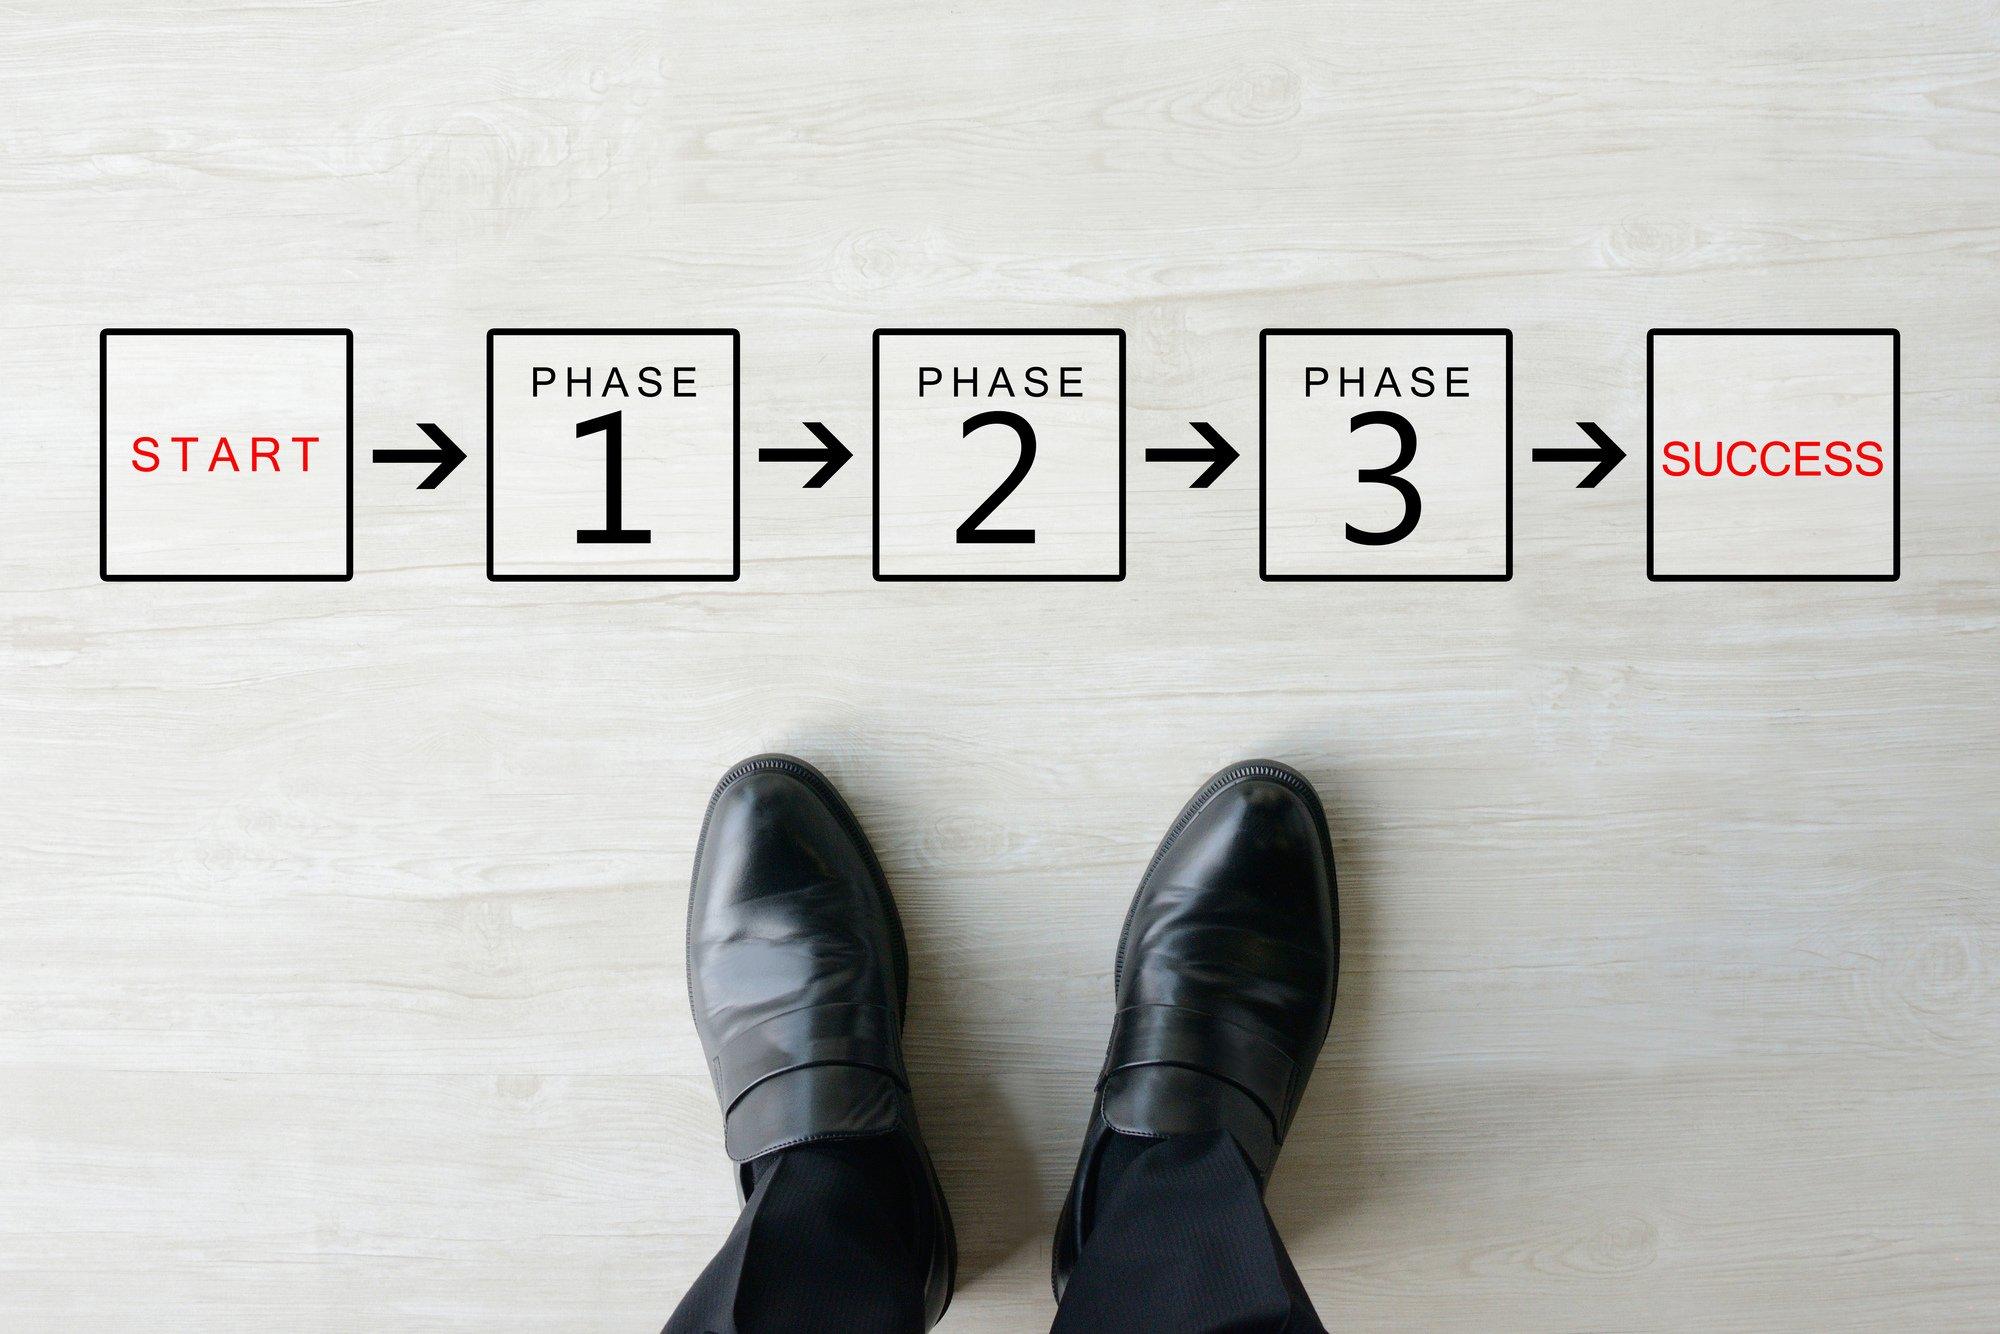 オンボーディングを実施するための5つの施策